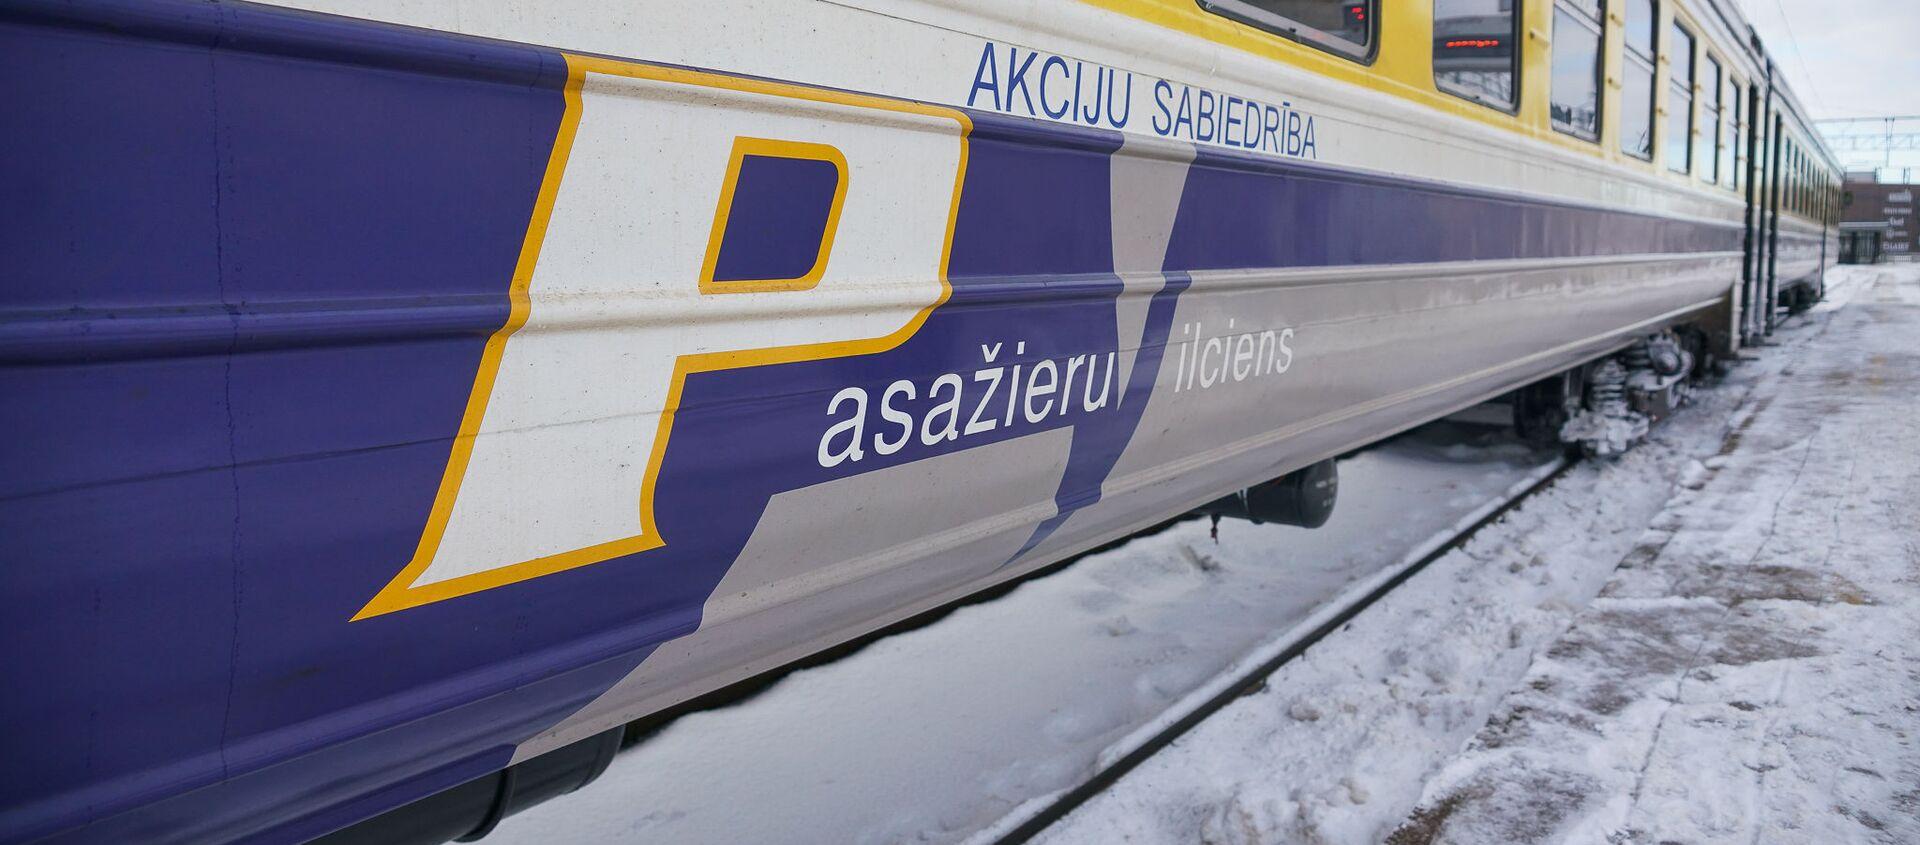 Дизельный поезд АО Pasažieru vilciens  на Рижском железнодорожном вокзале - Sputnik Latvija, 1920, 09.01.2021